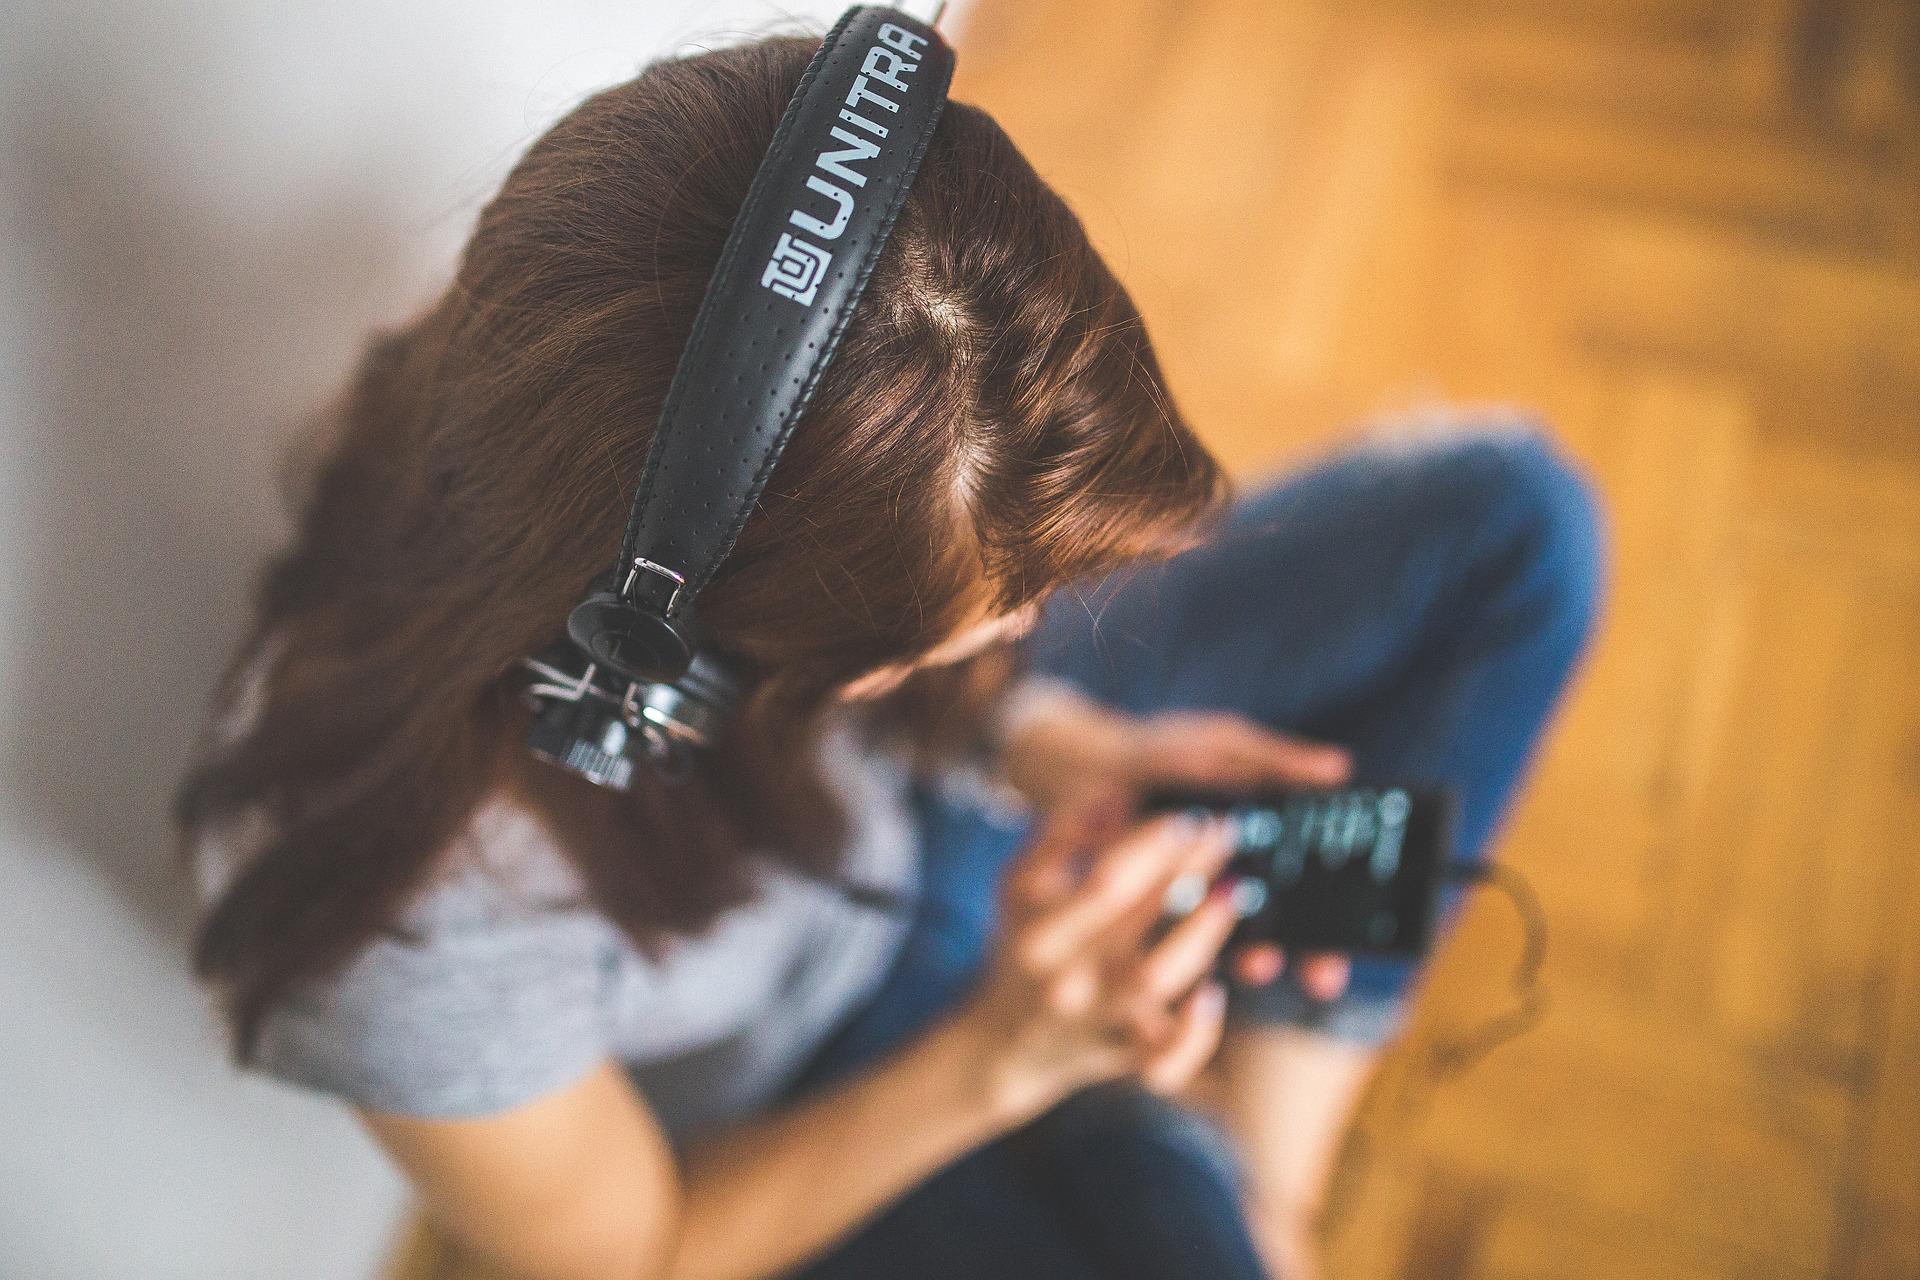 Hör' dich smart – neun Podcasts zur Erweiterung der Jobskills